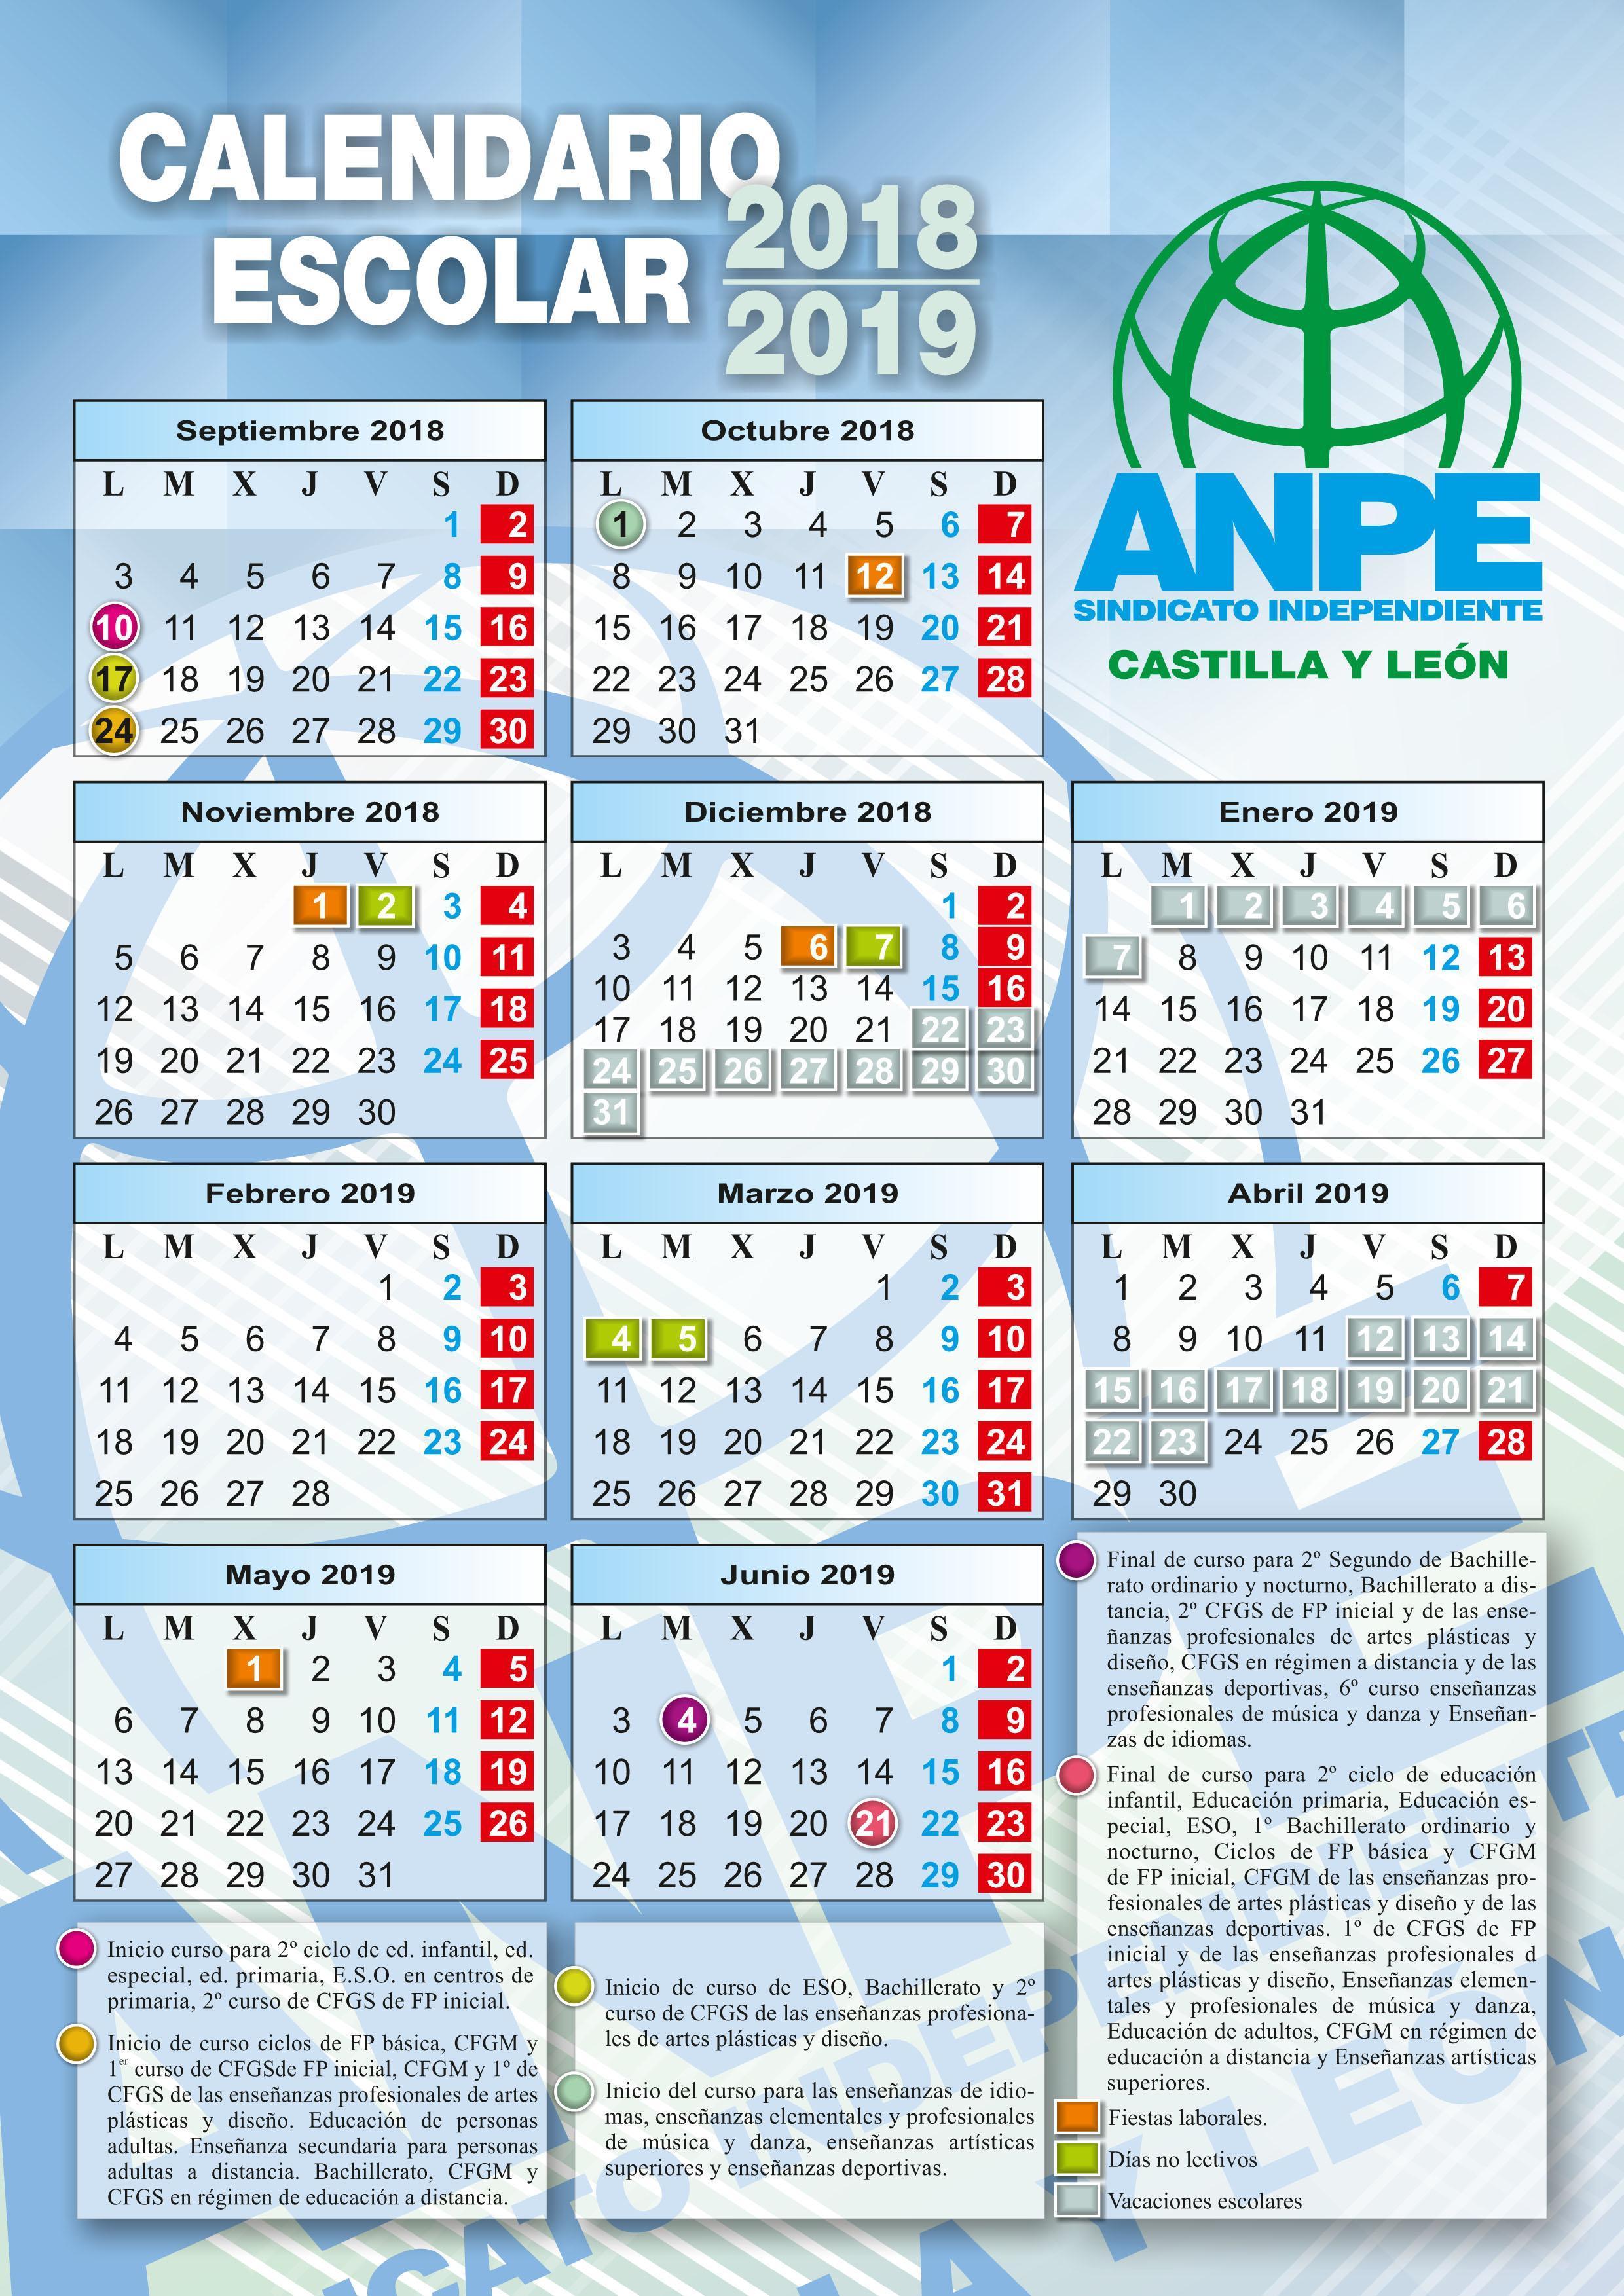 Calendario Laboral 2019 Valladolid Pdf.Calendario Escolar De Anpe Castilla Y Leon Curso 2018 2019